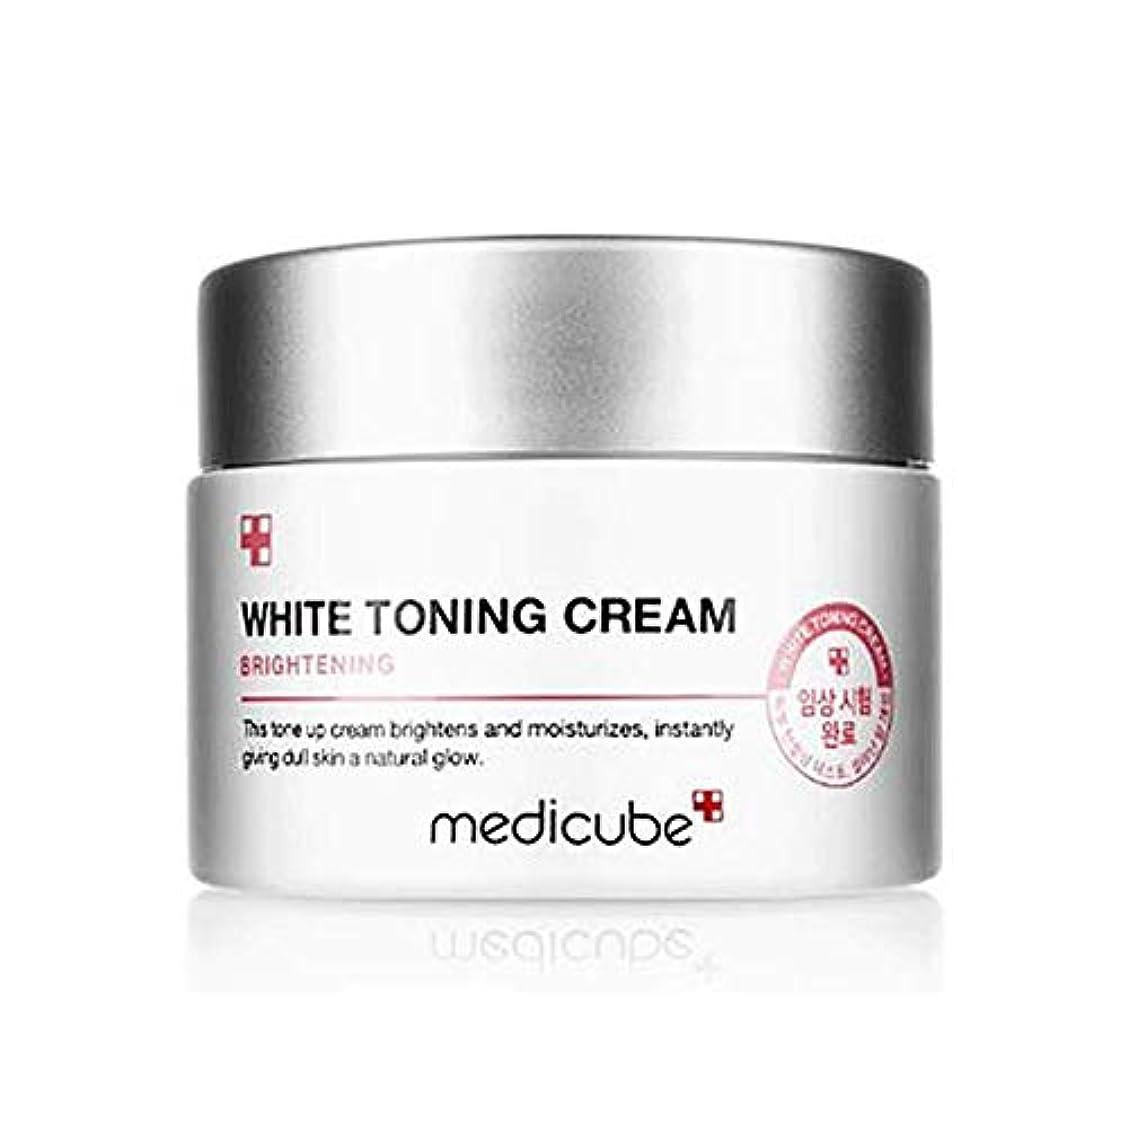 煩わしい壮大拒否Medicube WHITE TONING CREAM メディキューブ ホワイトトーニングクリーム 55ml [並行輸入品]